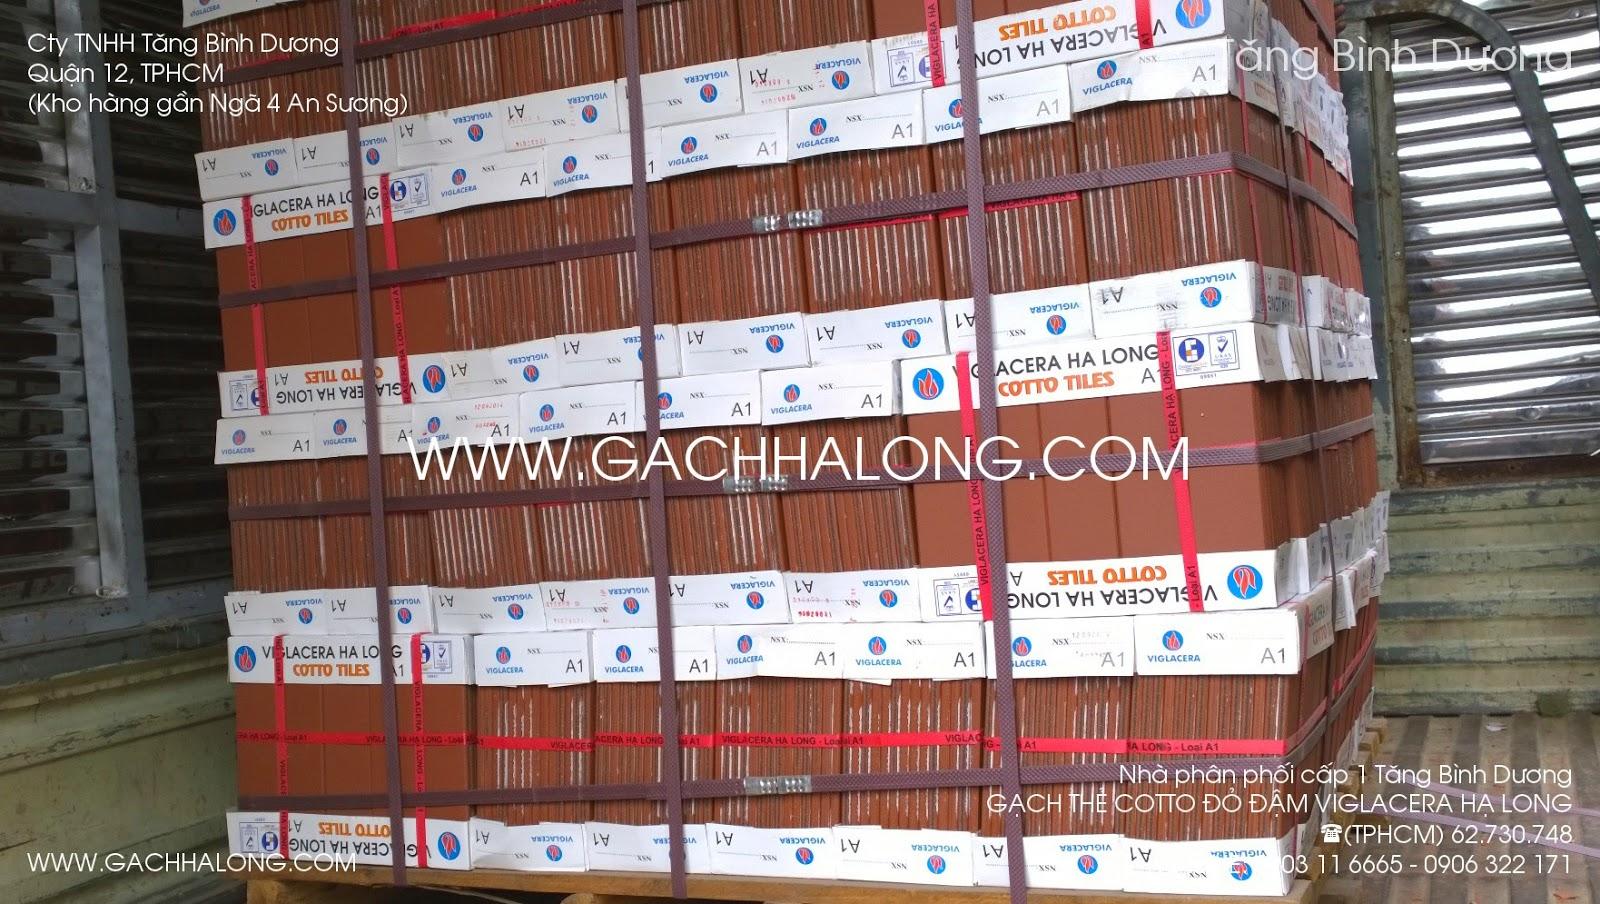 gach the cotto 6x24 do dam viglacera ha long